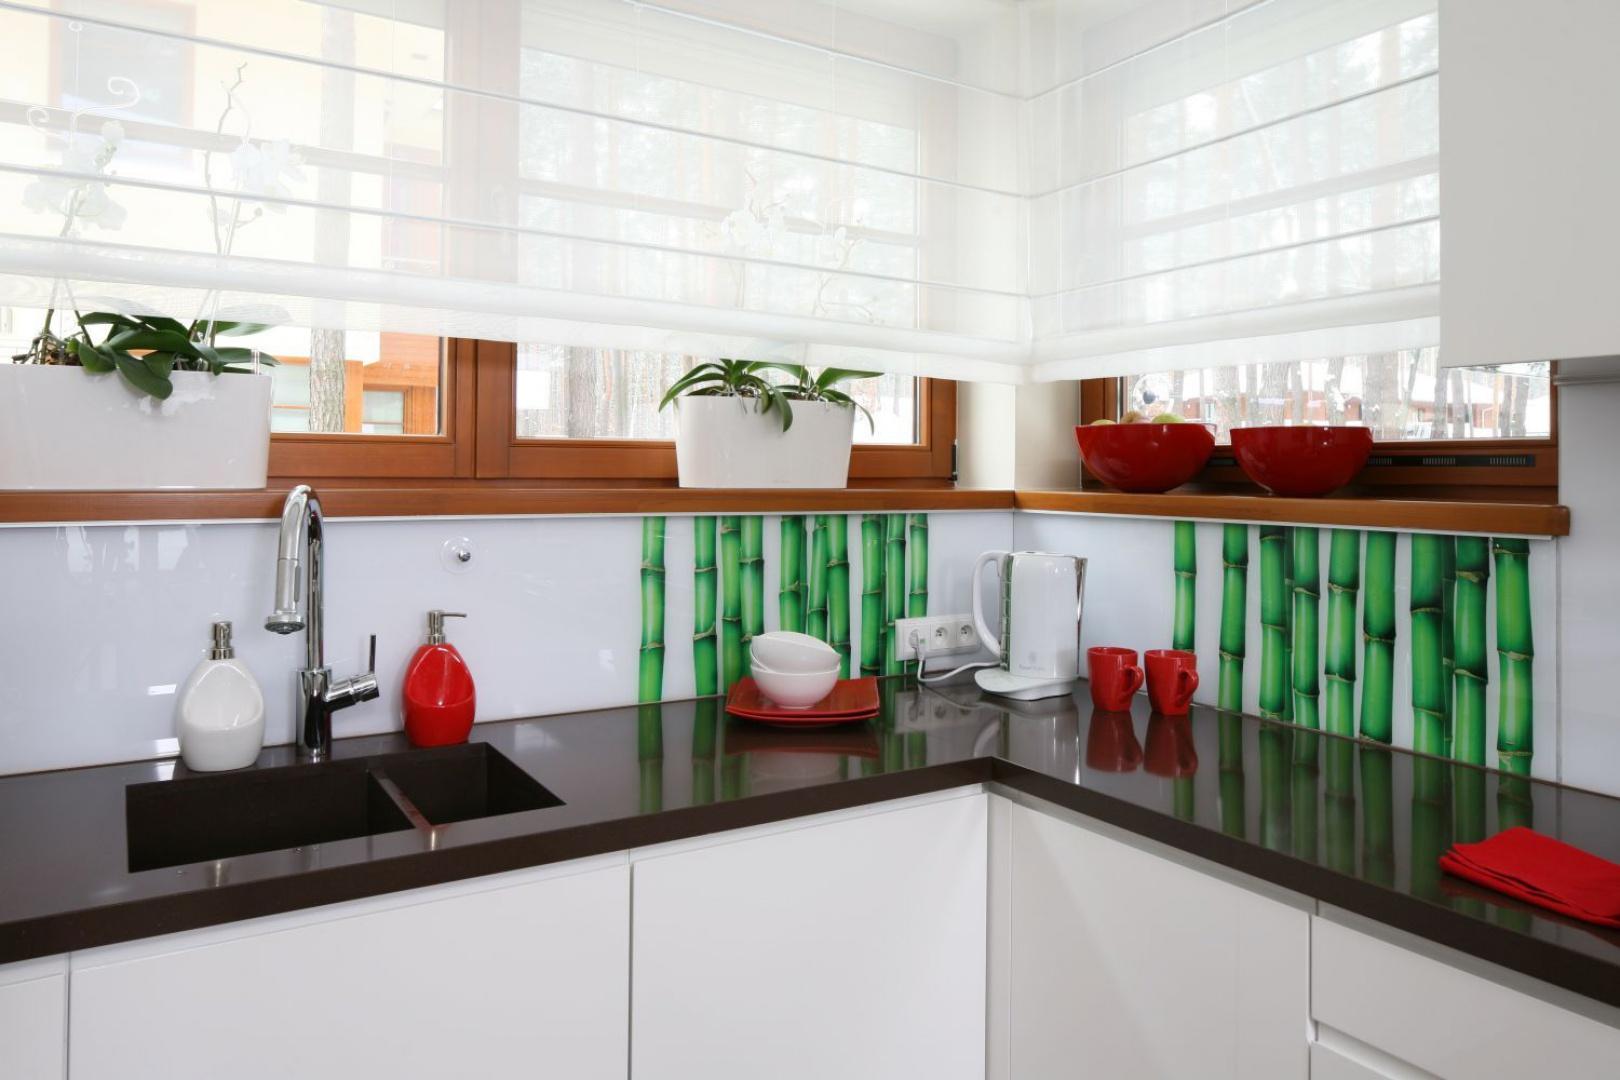 Kolorystyczny akcent w tej kuchni wprowadzają czerwone akcesoria oraz fototapeta z zielonymi bambusami nad blatem. Projekt: Katarzyna Mikulska-Sękalska. Fot. Bartosz Jarosz.